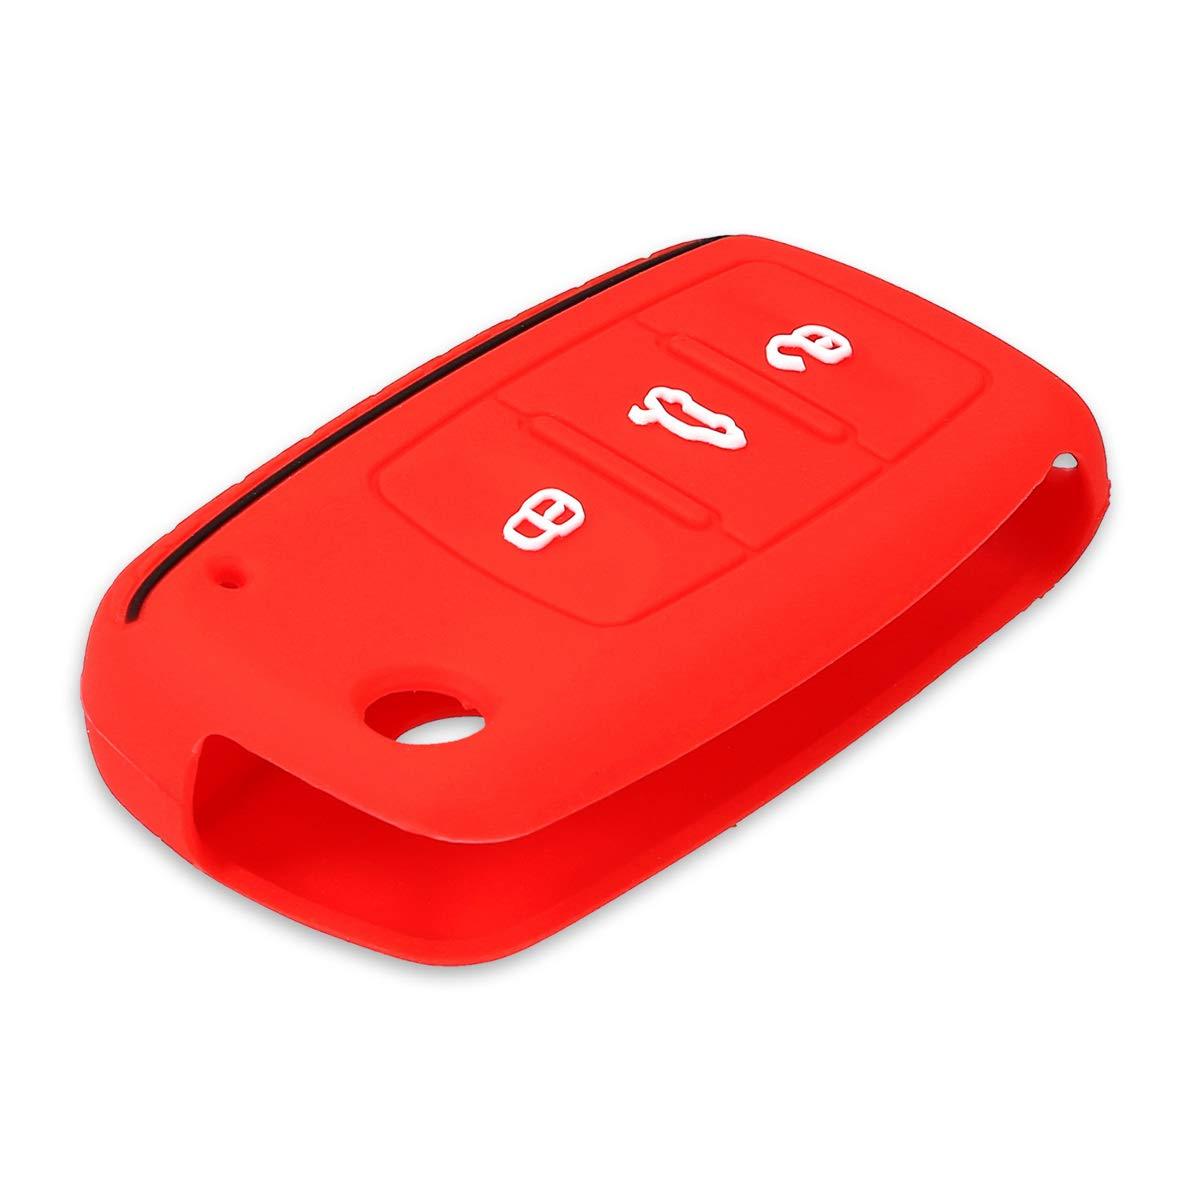 Case Mando de Auto Azul Oscuro//Rojo kwmobile Funda de Silicona para Llave de 3 Botones para Coche VW Skoda Seat Carcasa Protectora Suave de Silicona